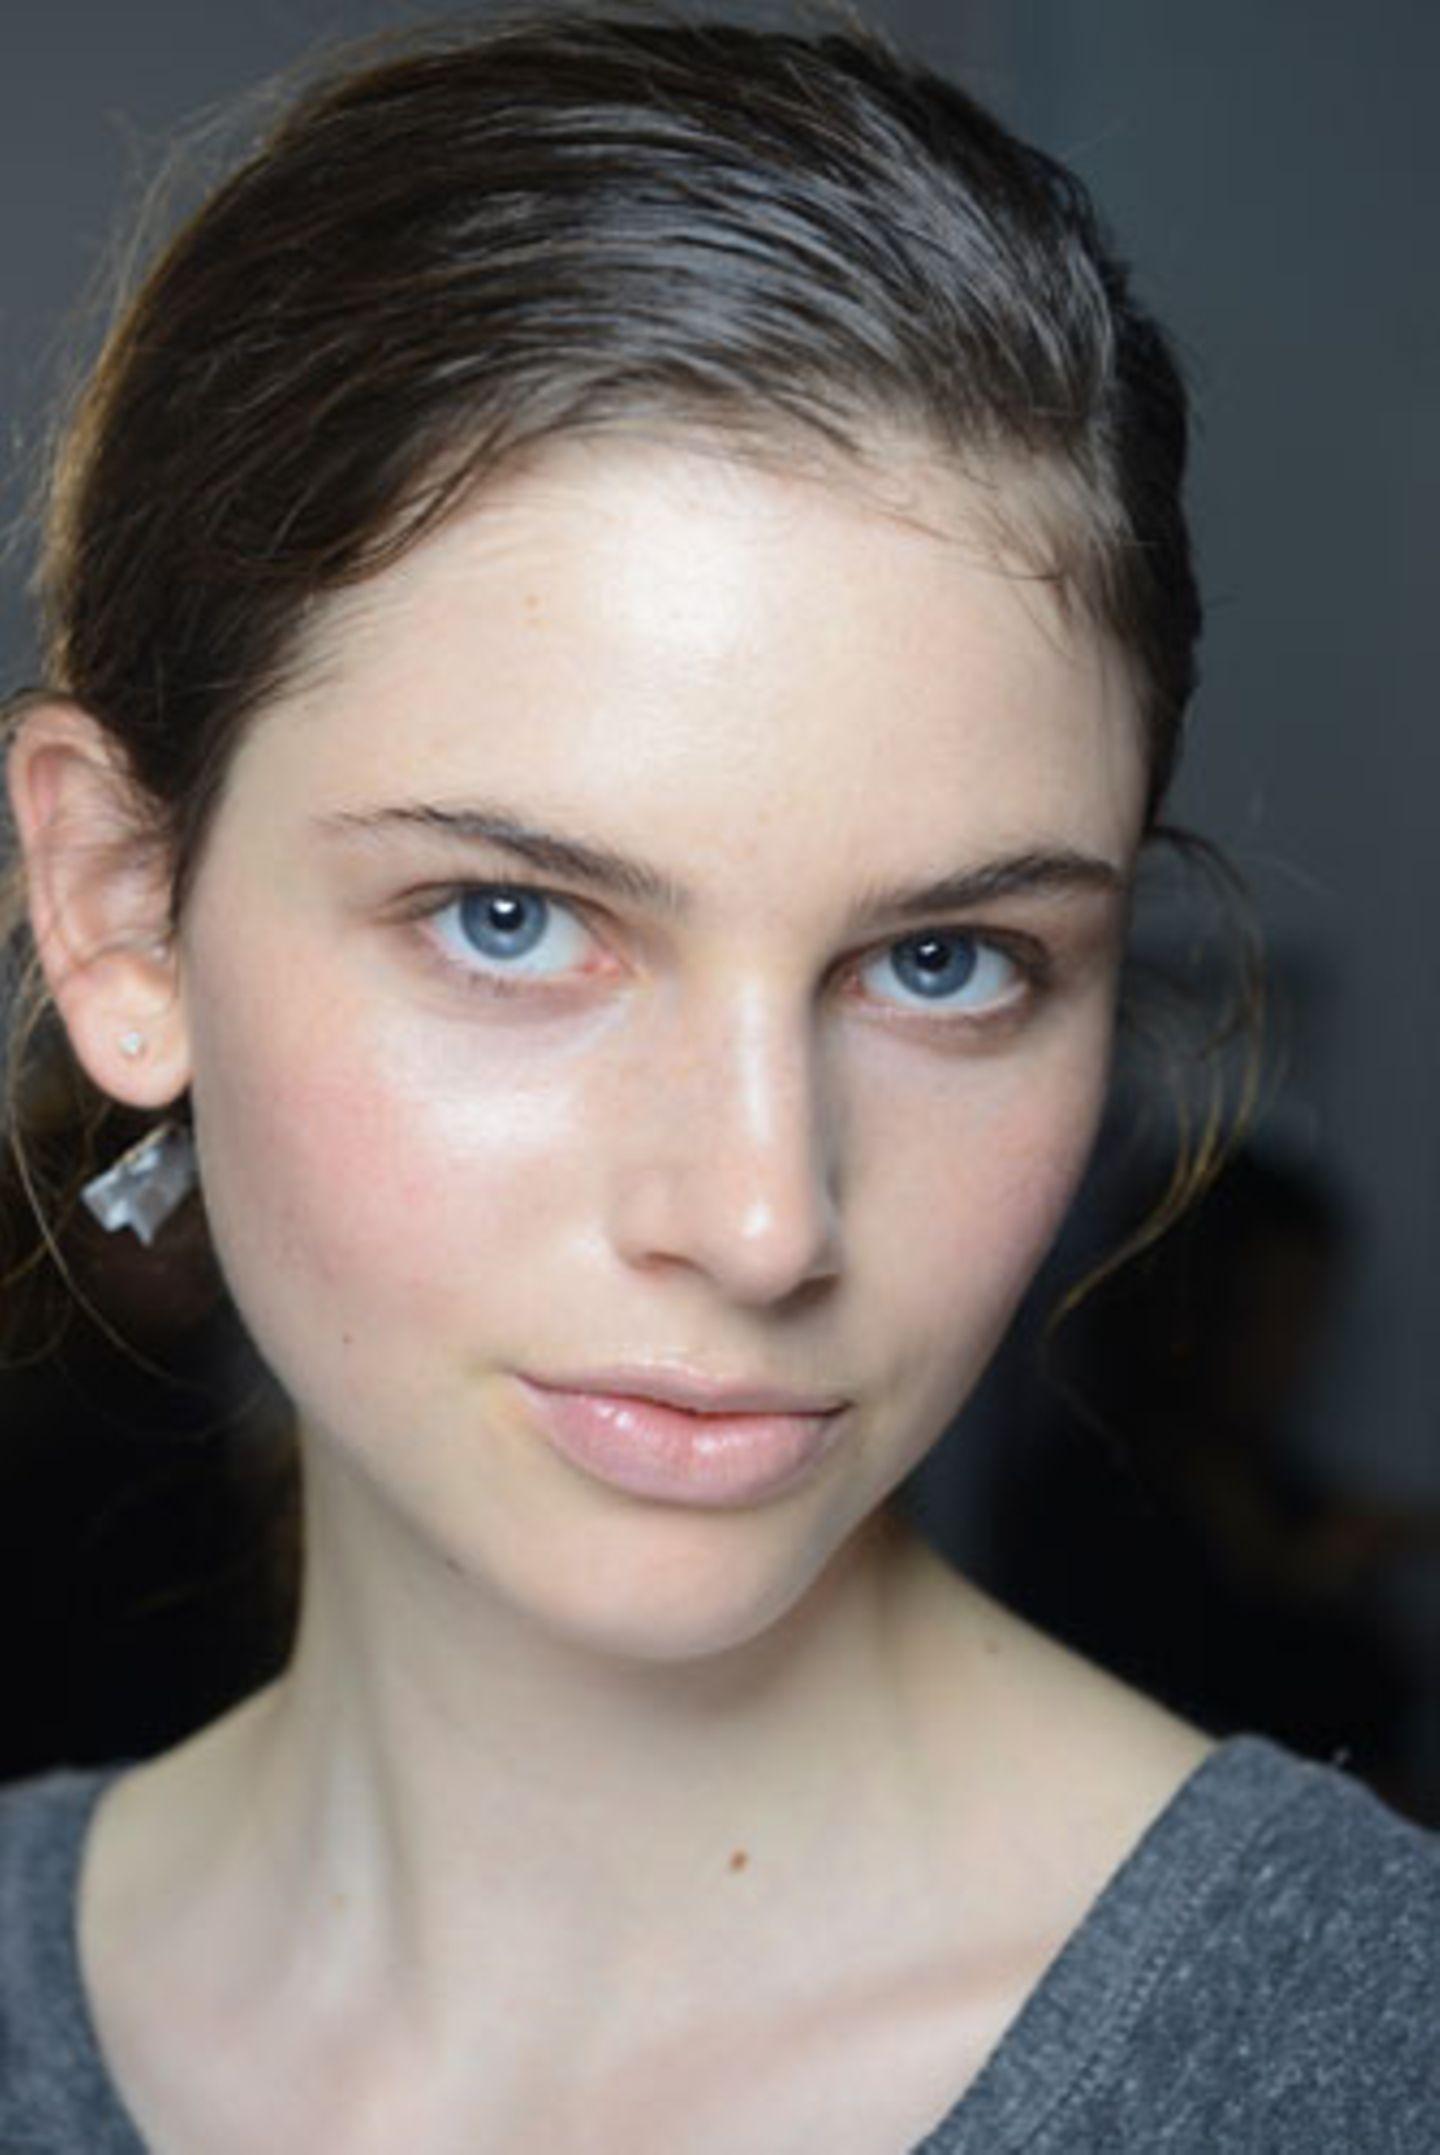 Wie wirkt Make-up: Glossy Lips